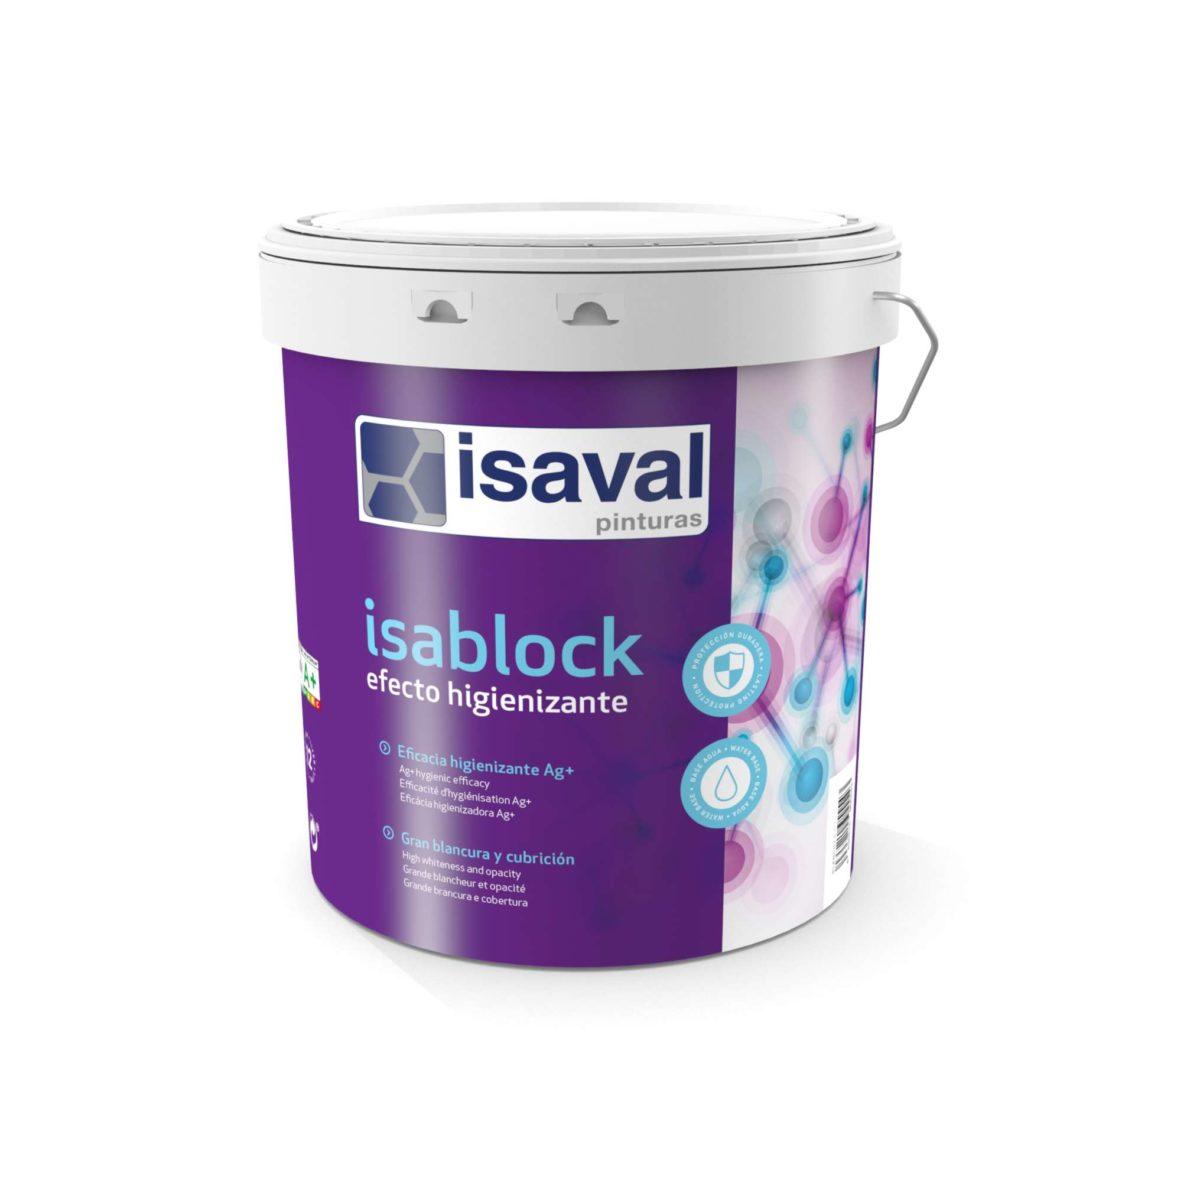 Isablock Efecto higienizante. Pintura acrílica con iones plata. Pinturas Isaval